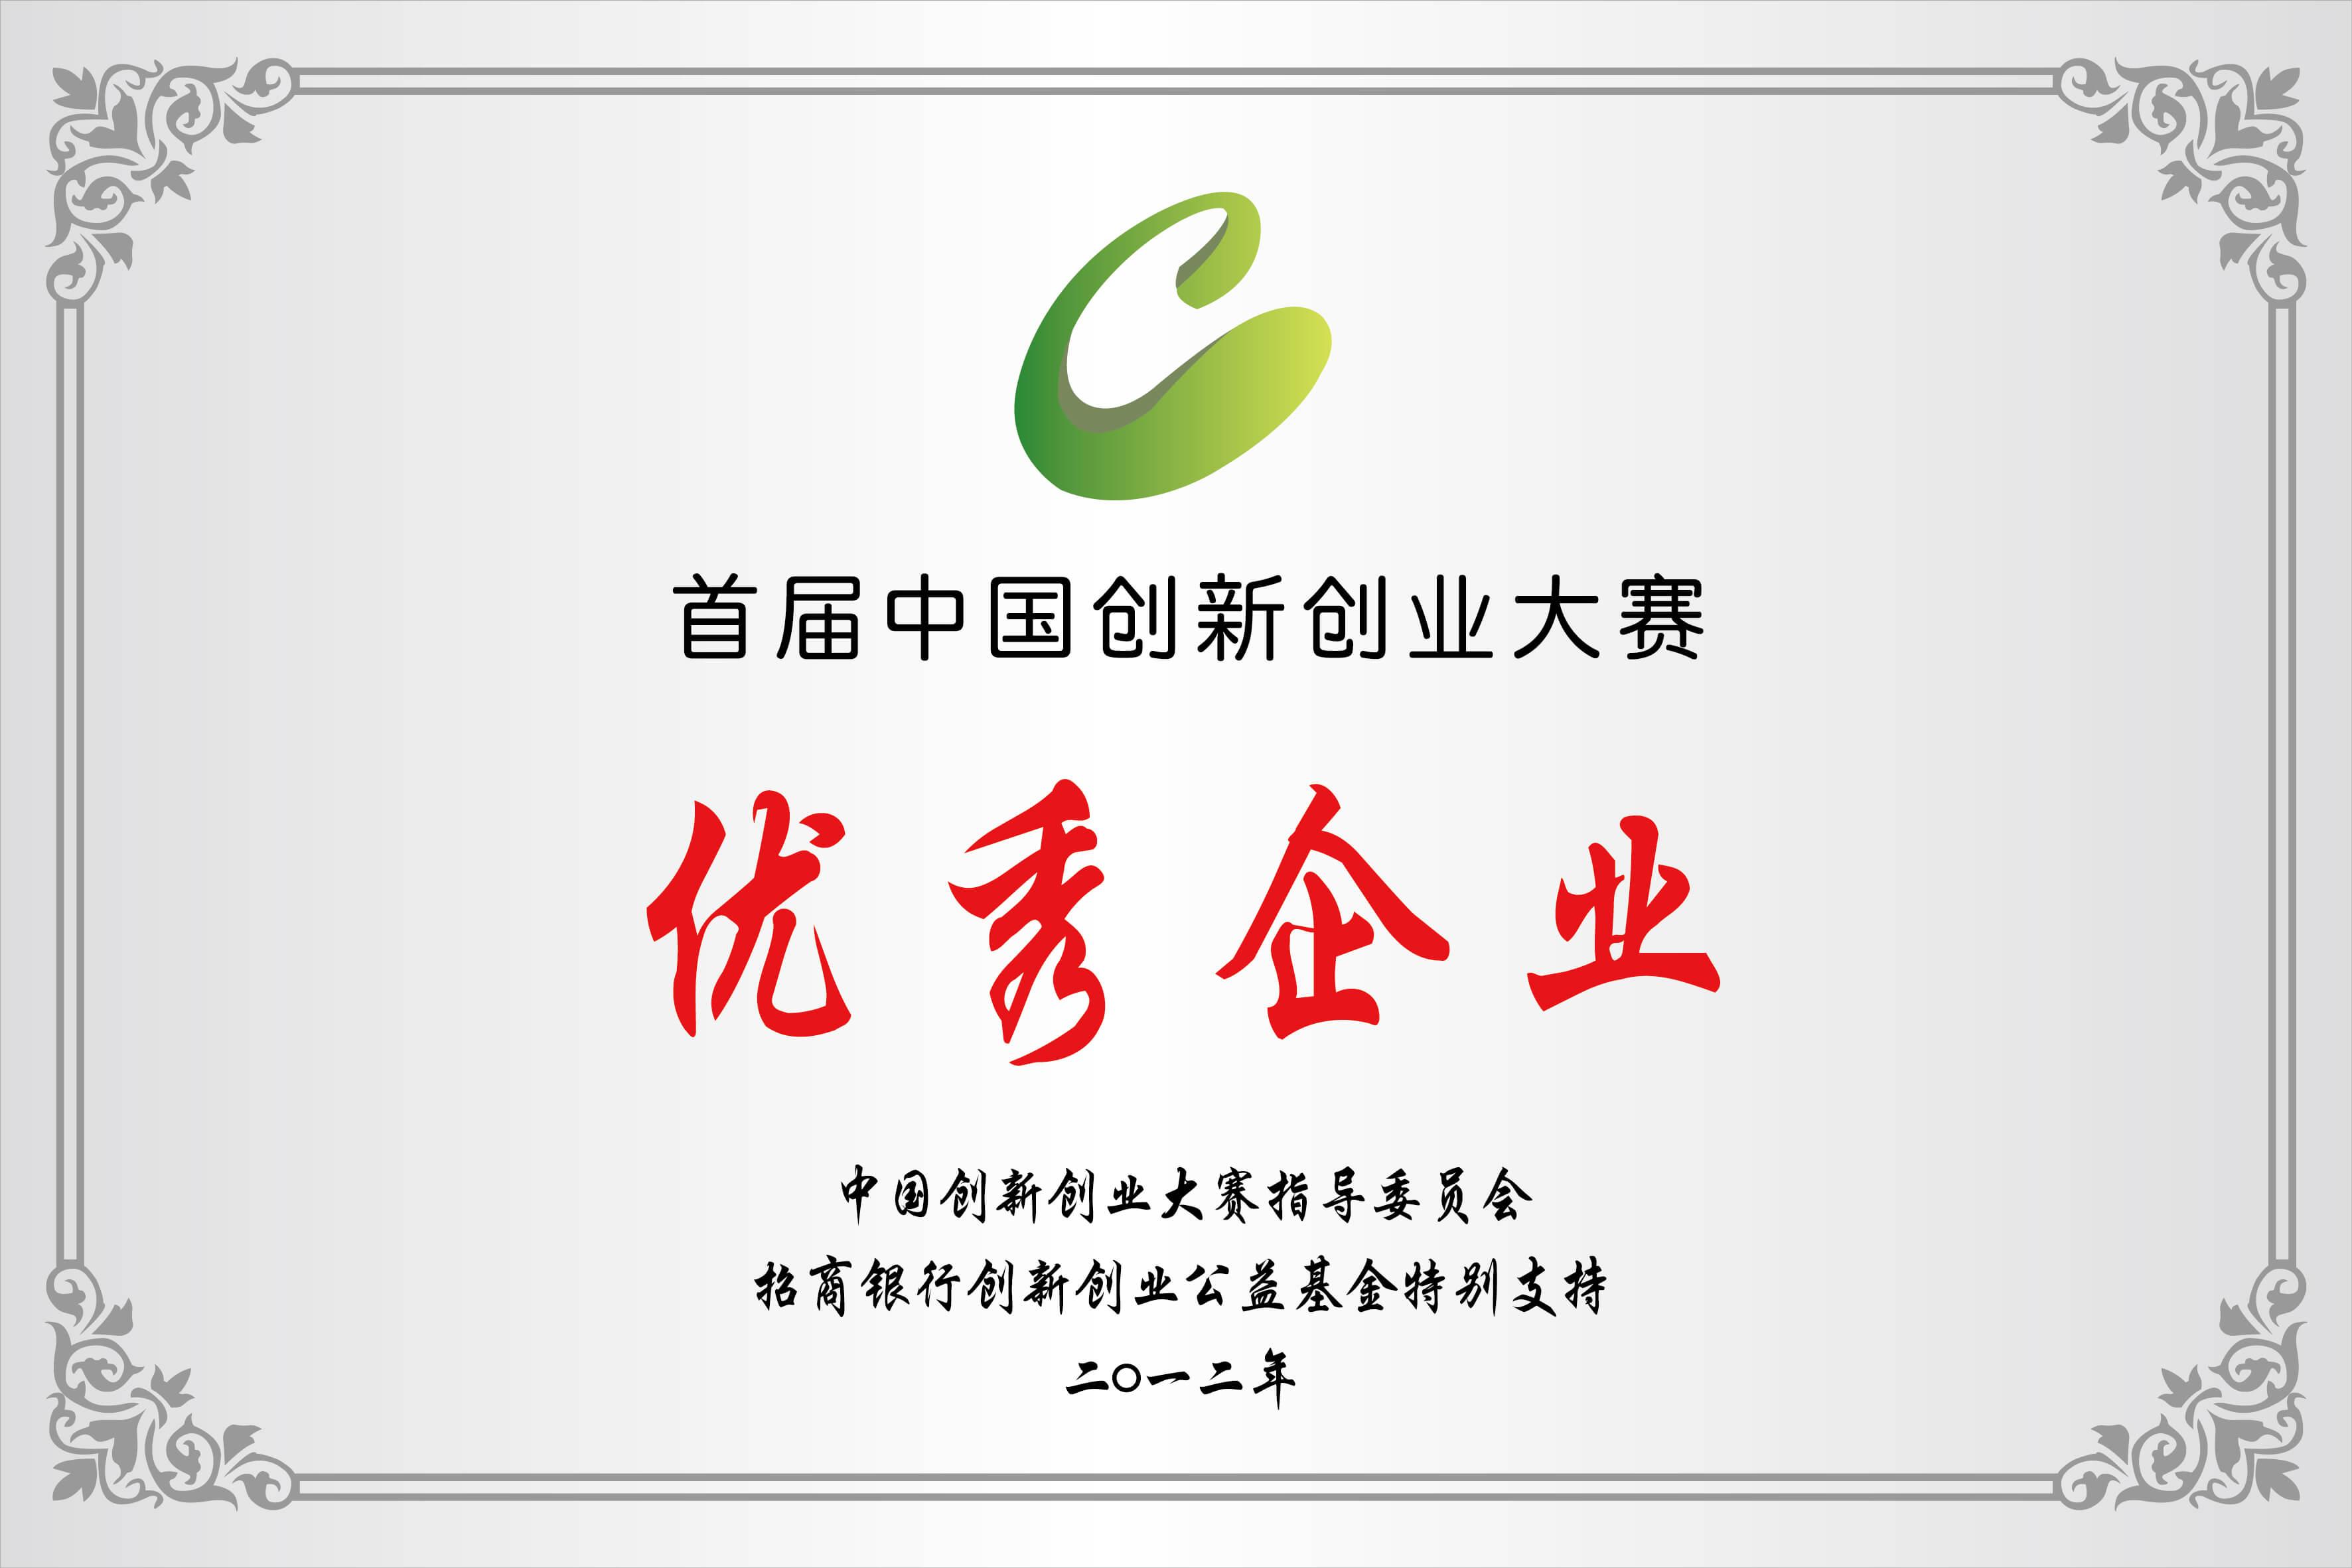 和也中国首届创新创业大赛优秀企业证书